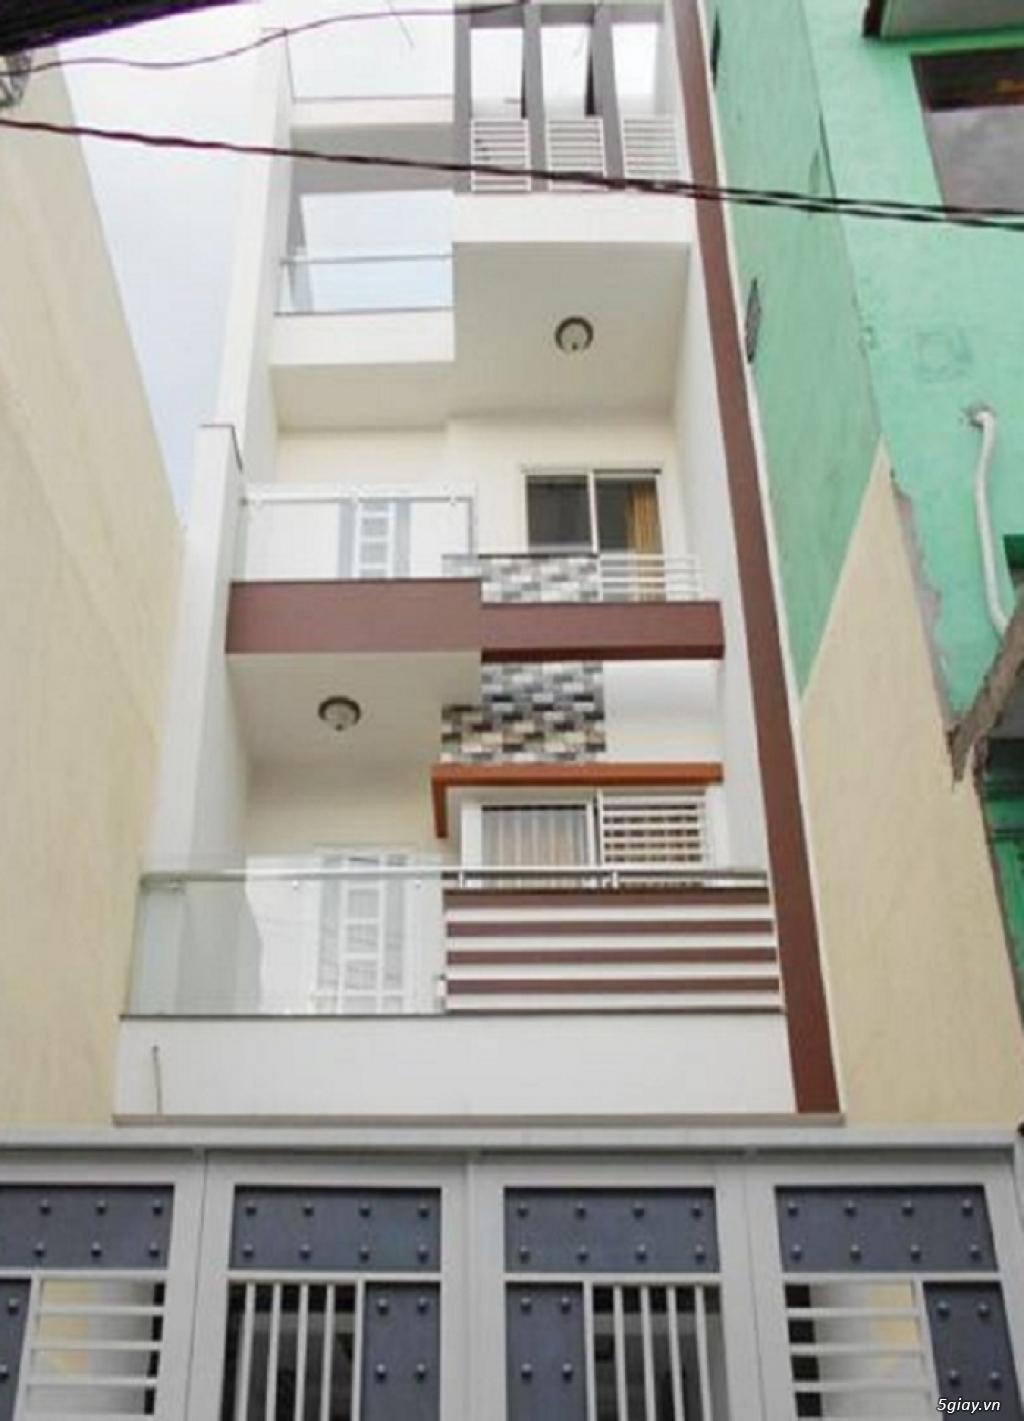 Bán nhà P5, Tân Bình, hẻm oto Cách Mạng Tháng 8, 4 tầng, 56m2 - 1